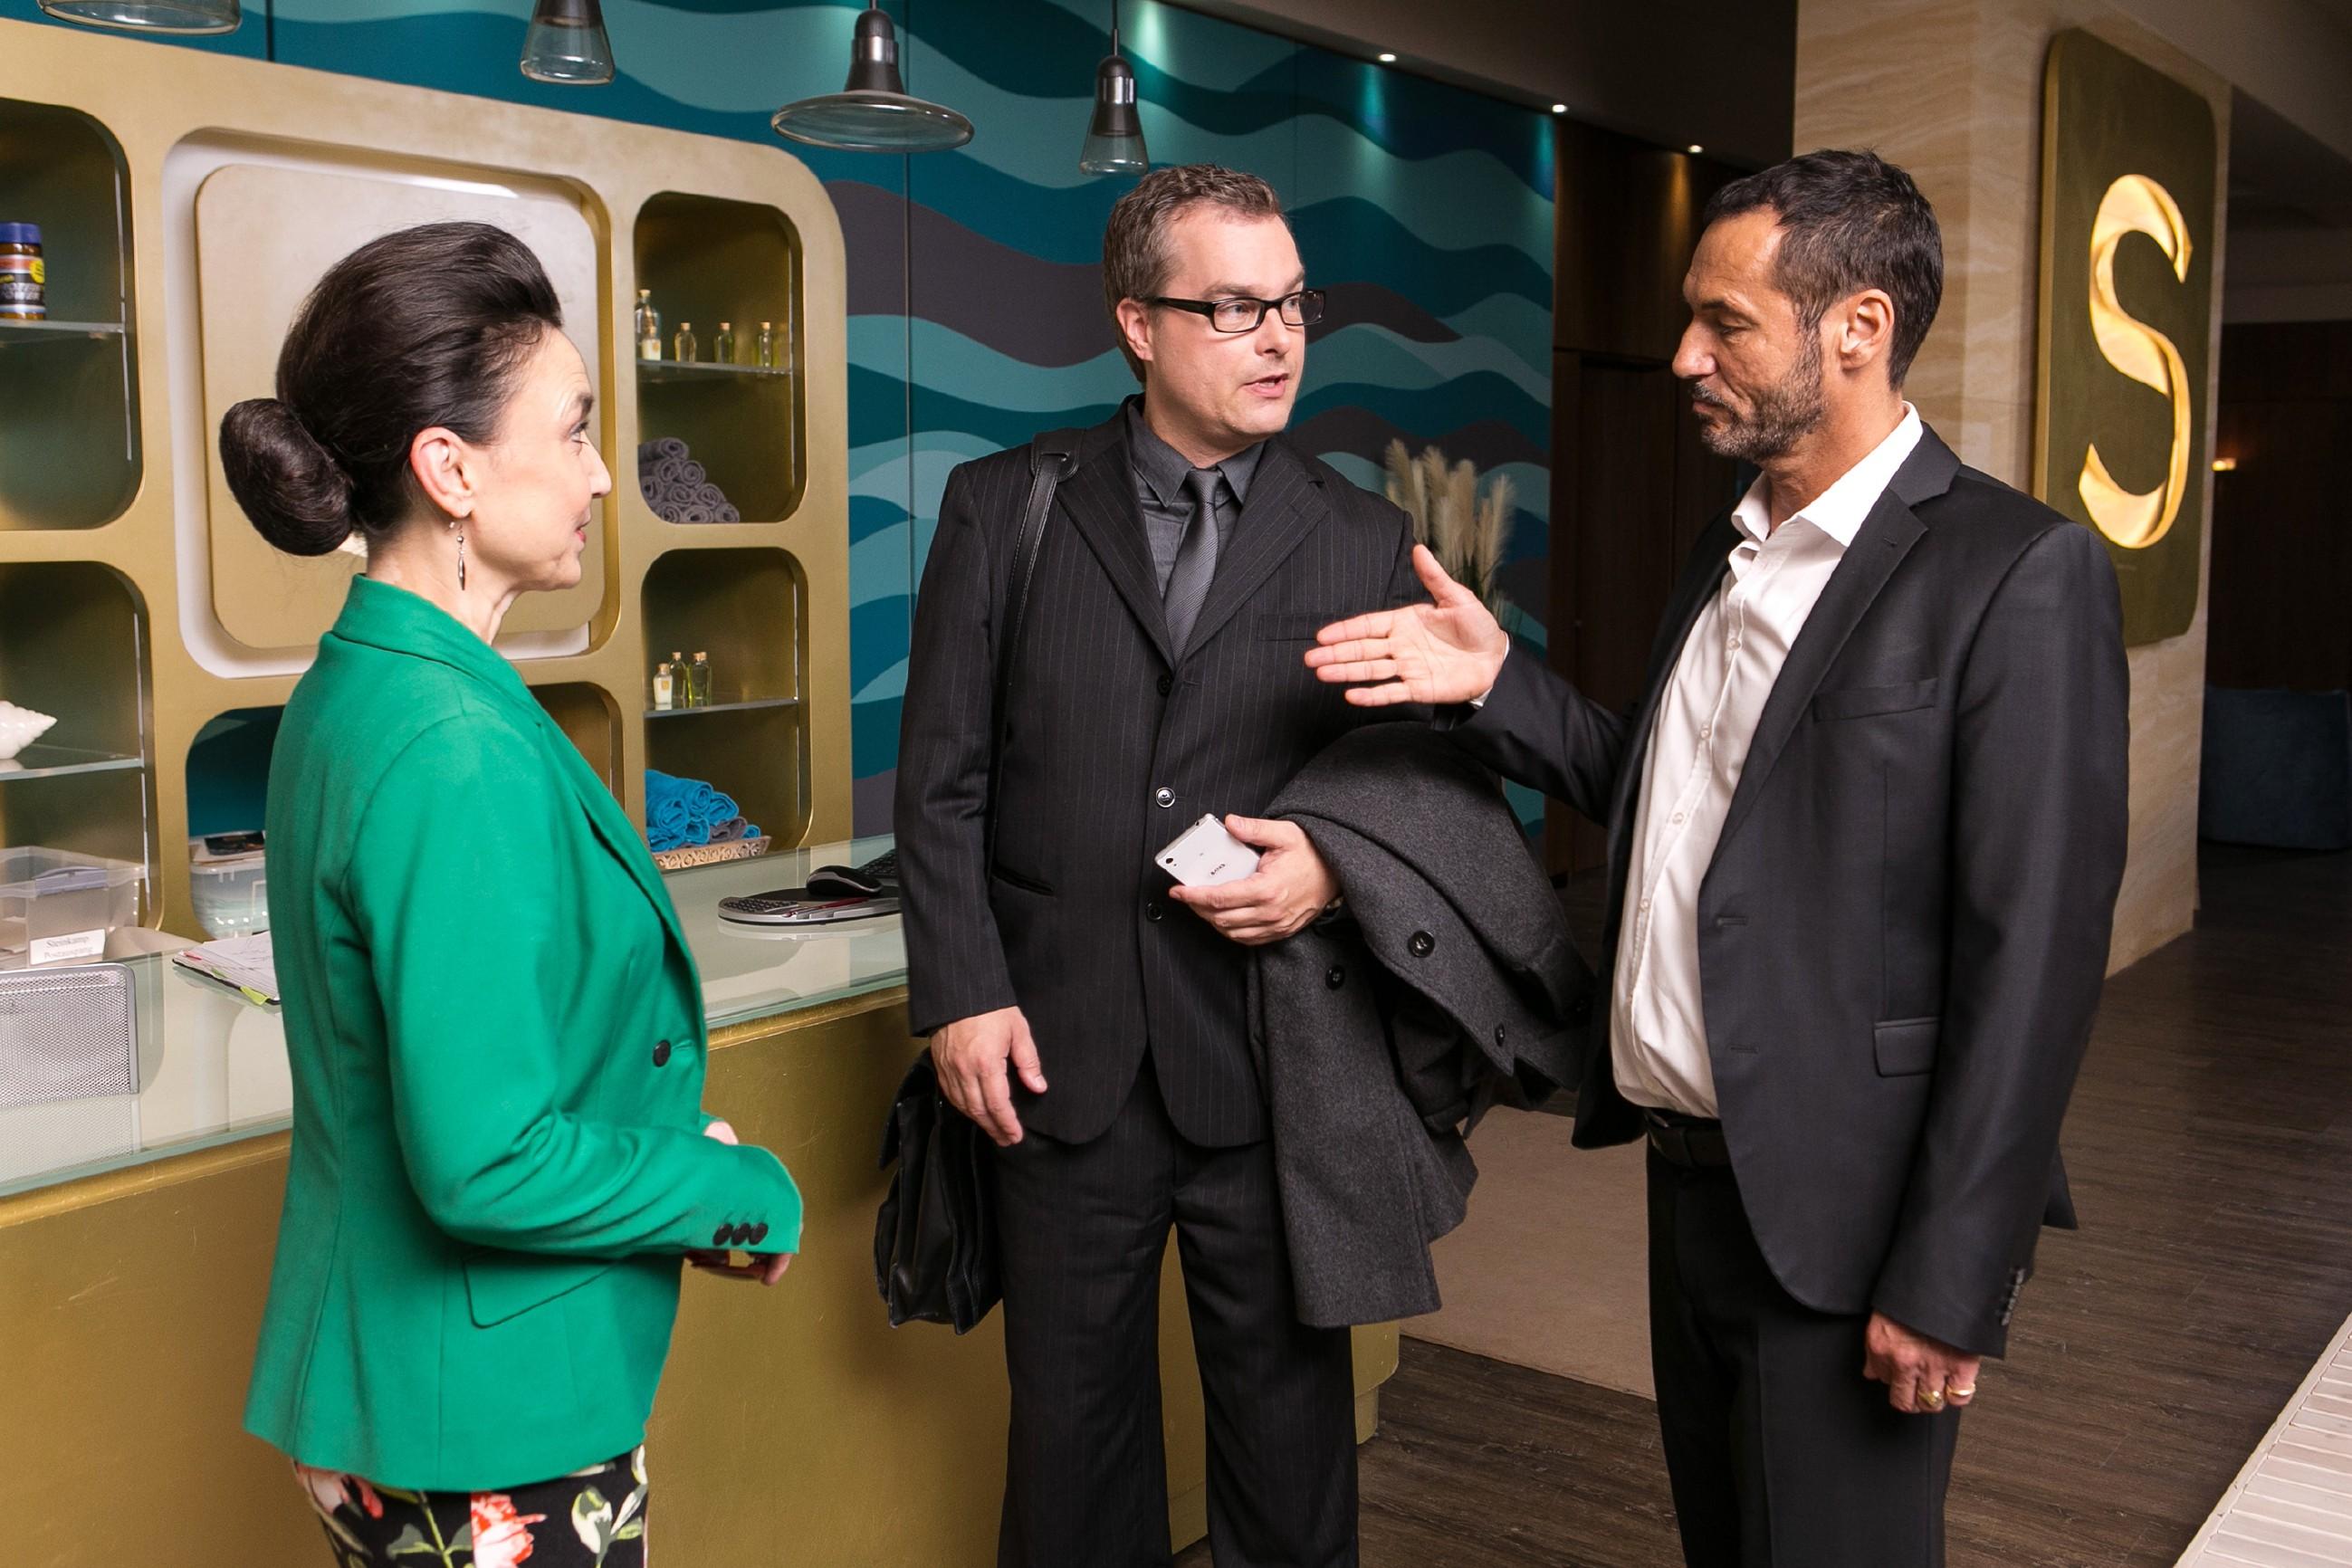 Während Richard (Silvan-Pierre Leirich, r.) Martin Erfurt (Roland Peek) begrüßt, erkennt Simone (Tatjana Clasing) angespannt, das Michelle beim BDE unte Beobachtung steht. (Quelle: RTL / Kai Schulz)